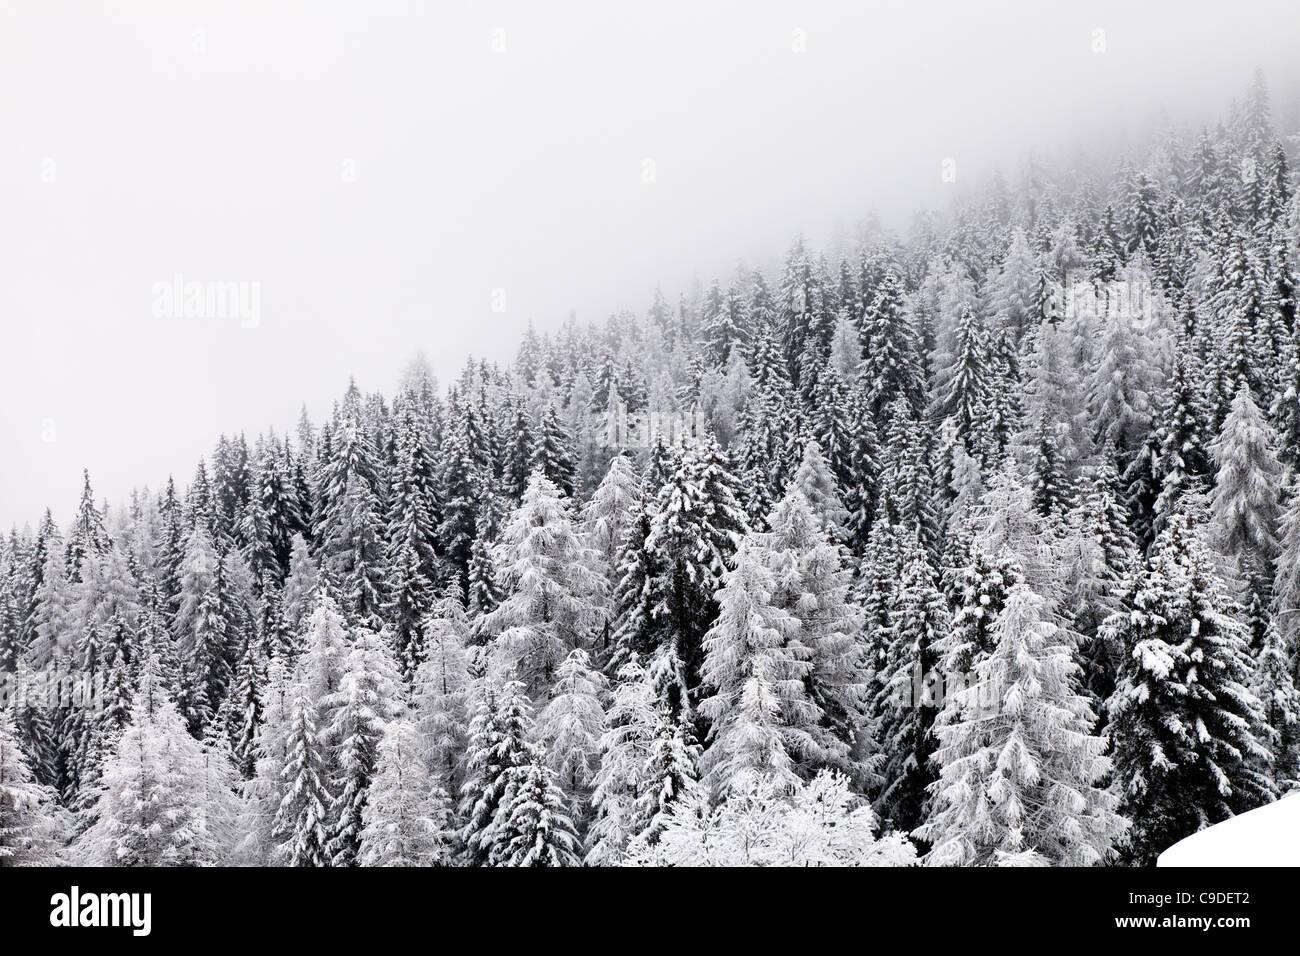 La neige a couvert des pins sur la pente de colline avec brouillard monochrome Banque D'Images